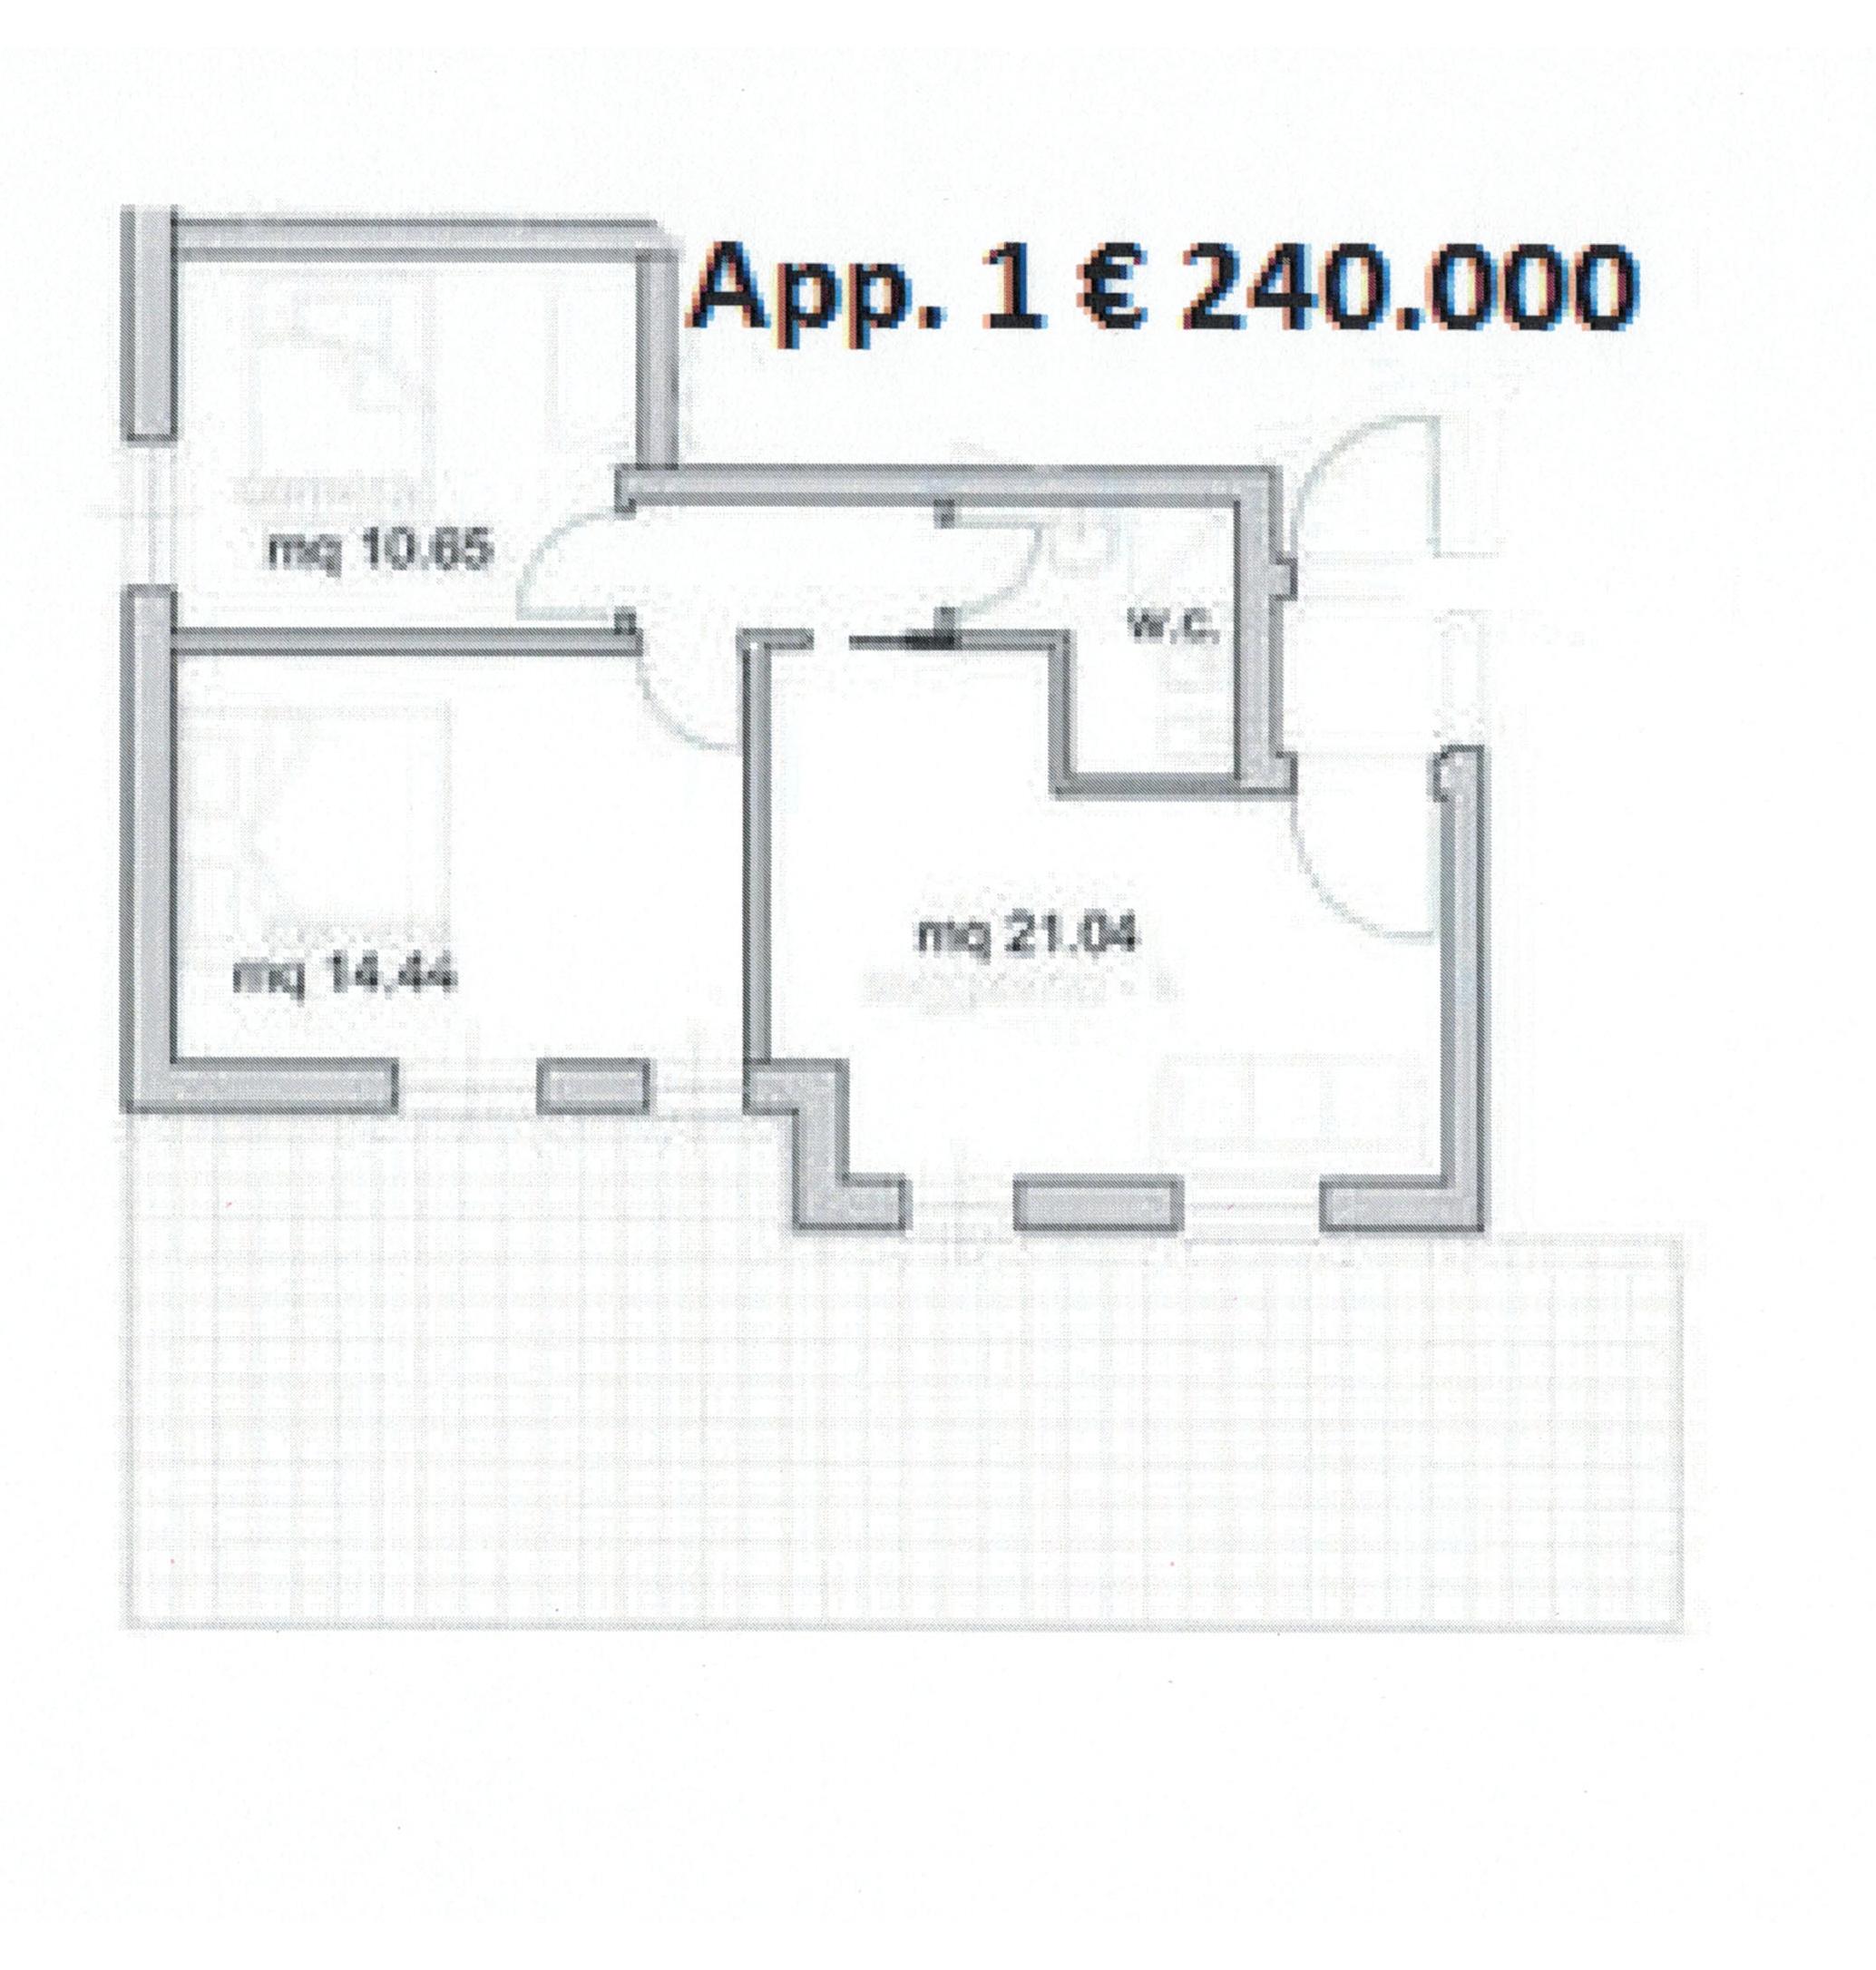 Appartamento in vendita, rif. 870 (Planimetria 1/1)